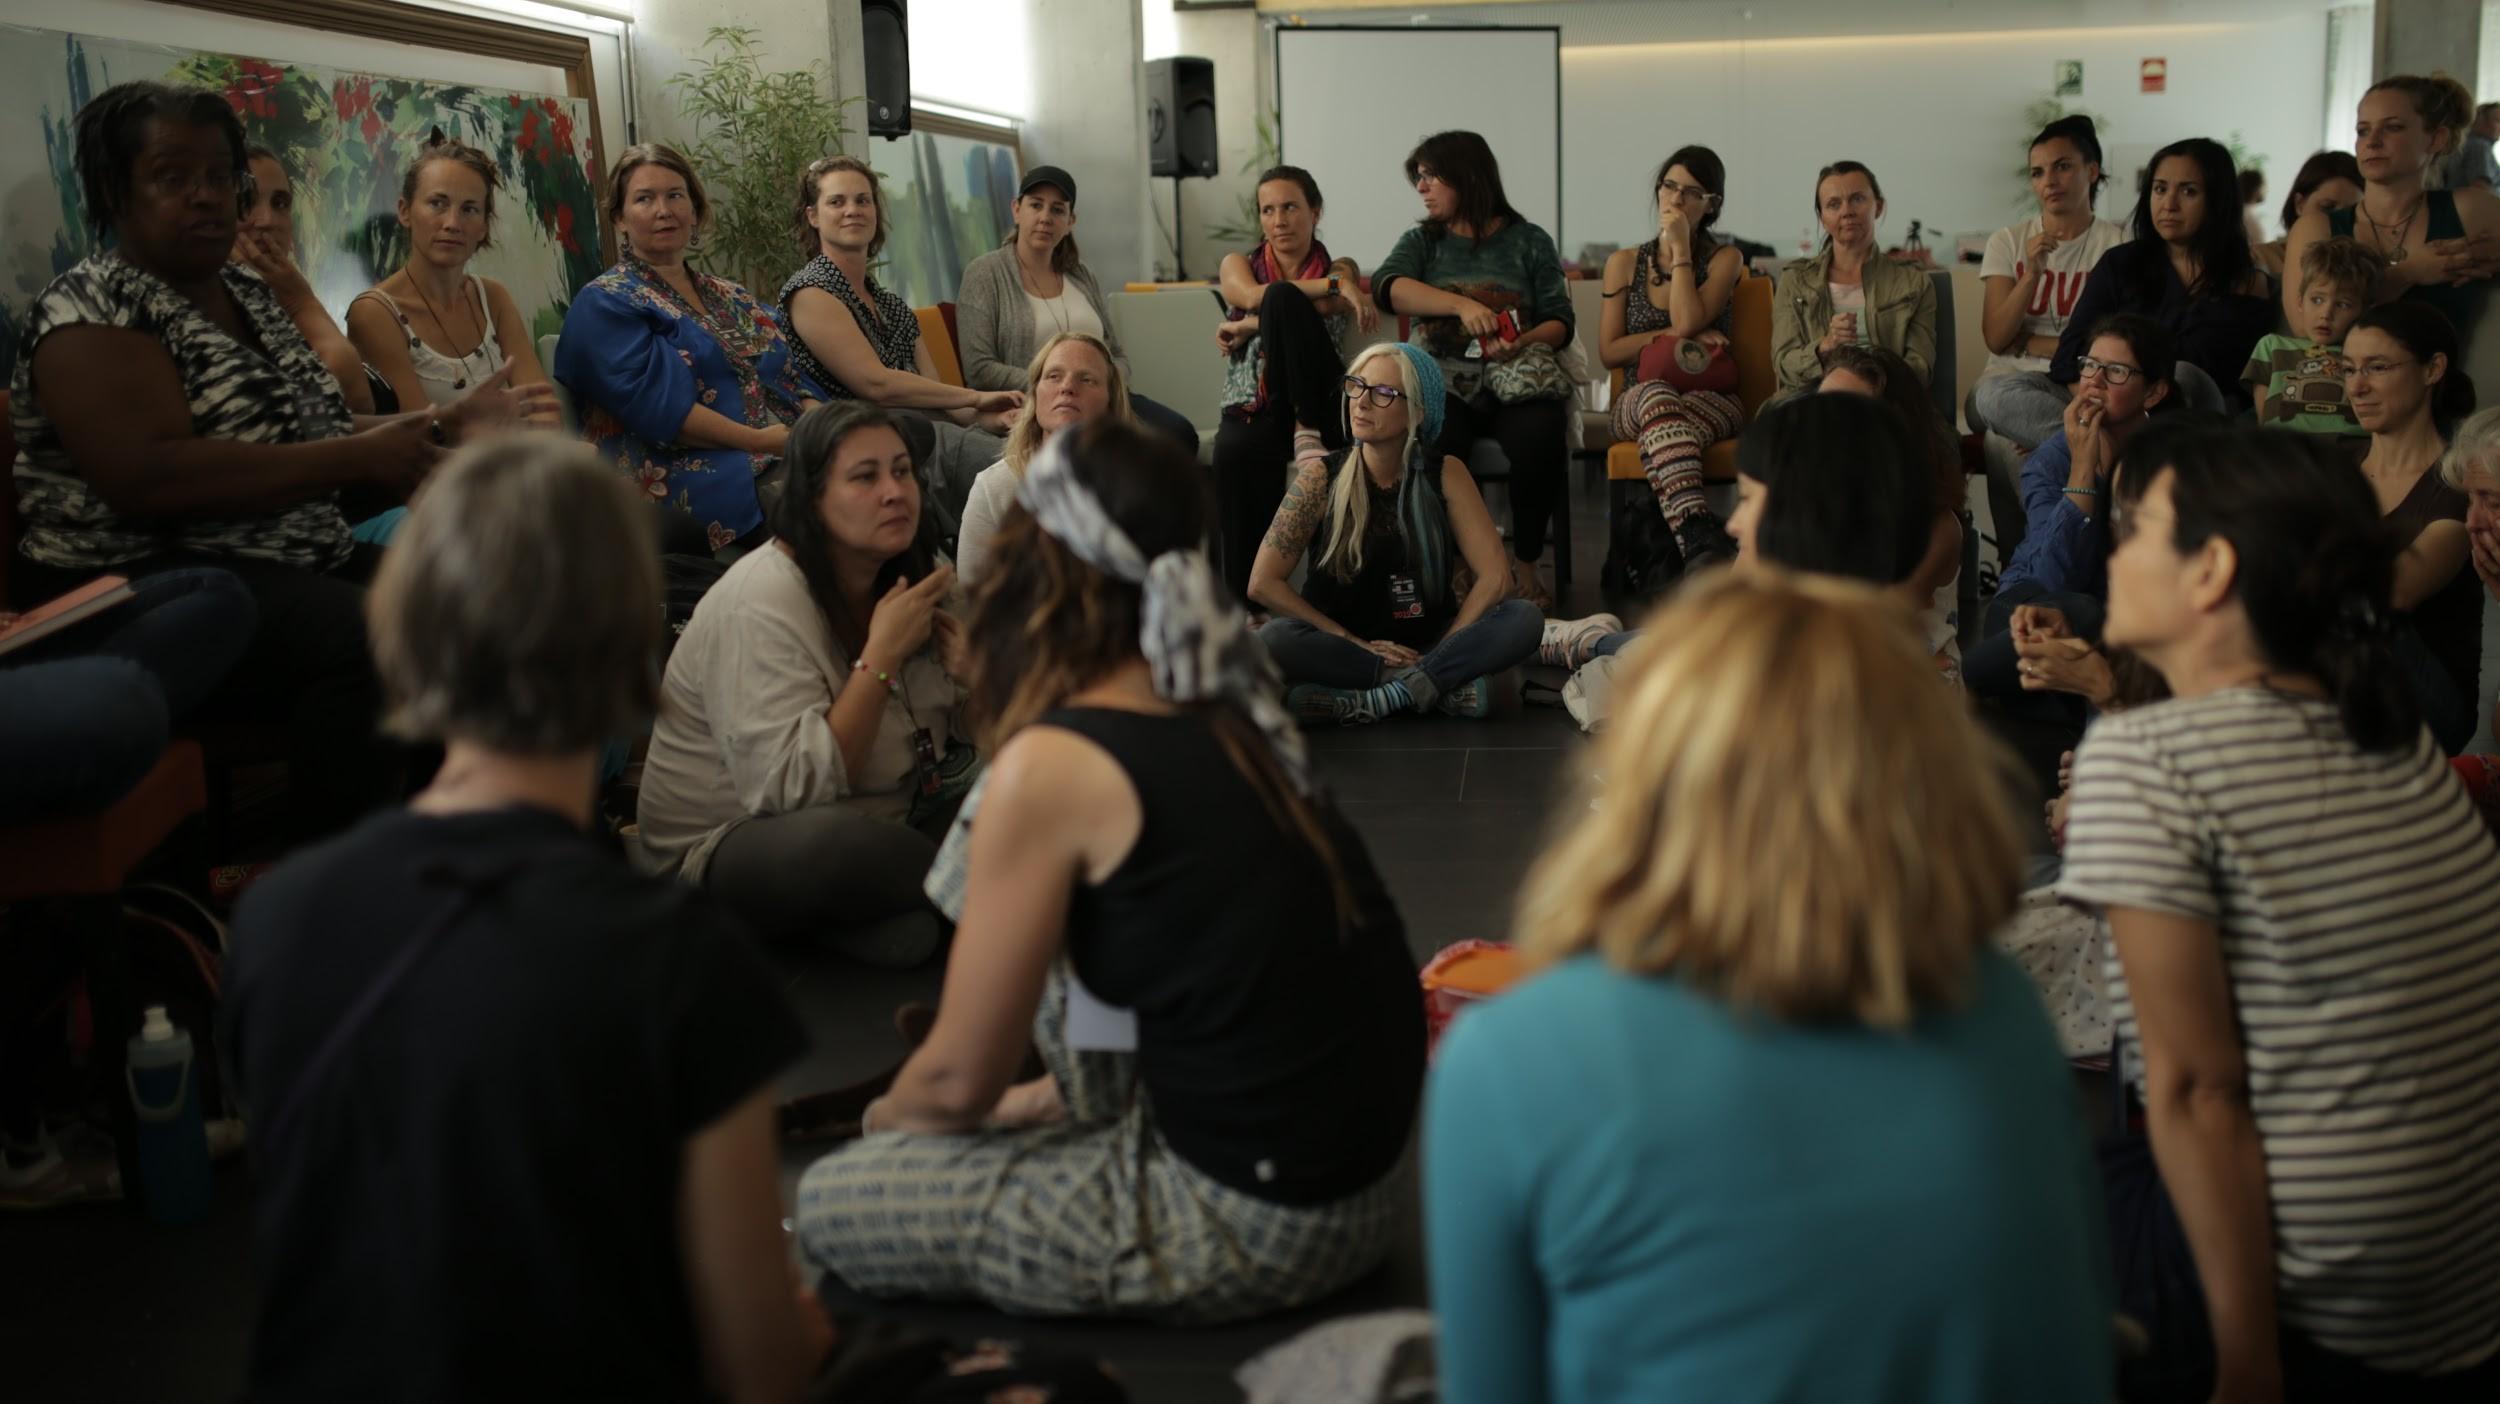 Workshopy a prednášky účastníkov worldschool summitu. Foto: Tereza Matkuliaková